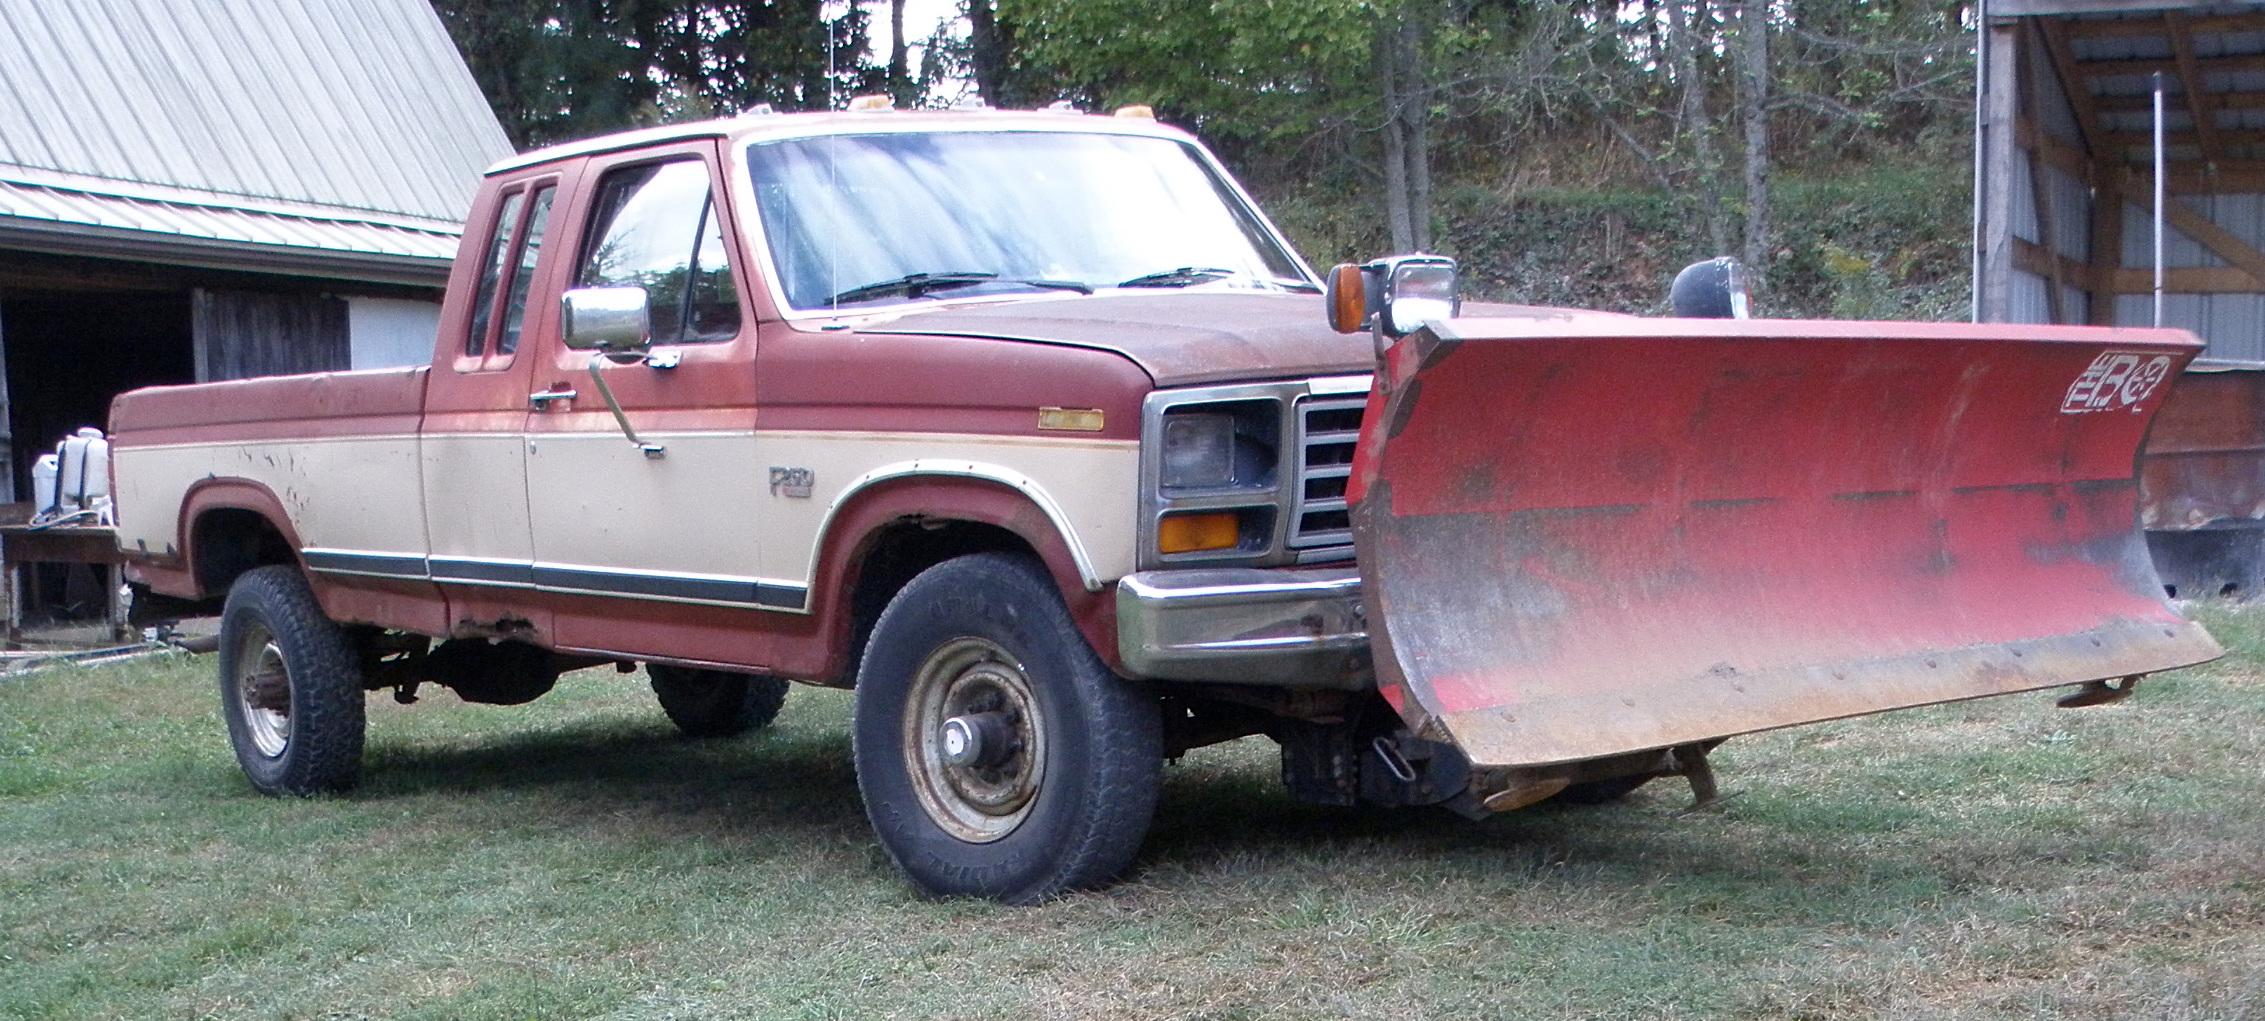 f250-truck.jpg